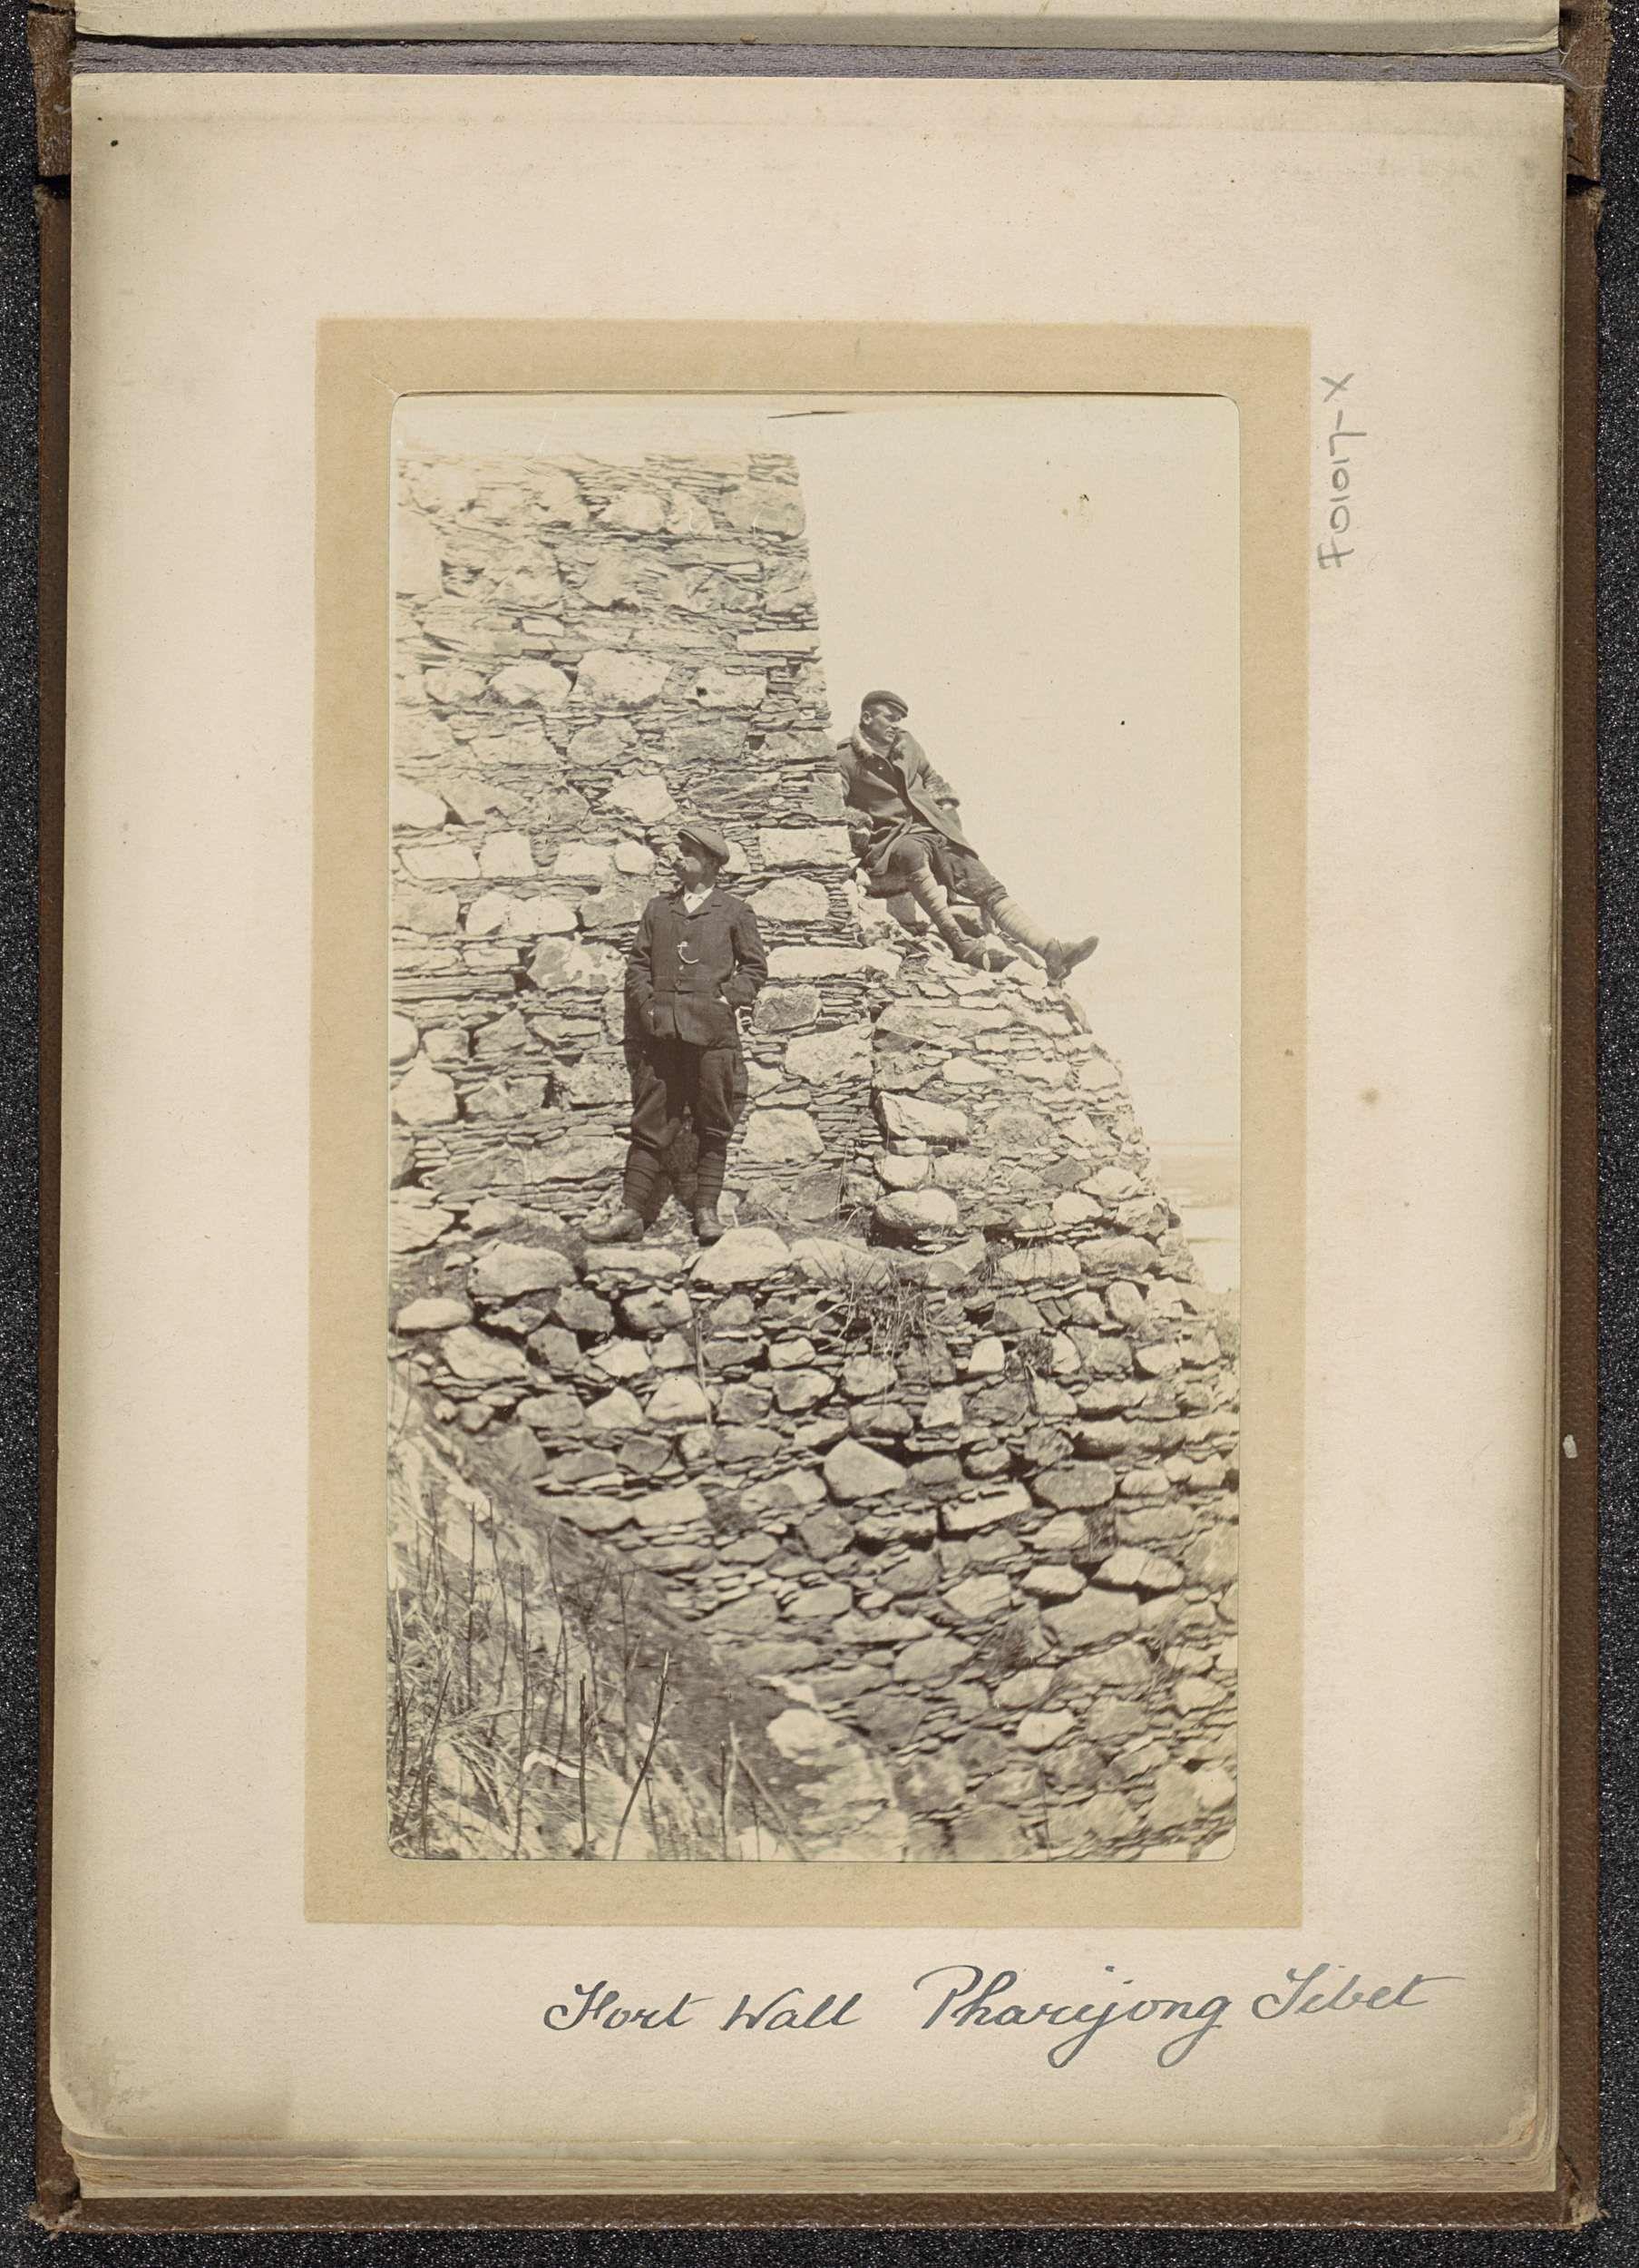 D.T. Dalton | Twee mannen op een muur van het fort van Pharijong, D.T. Dalton, 1903 - 1906 | Onderdeel van Fotoalbum met 24 foto's van de reis van legertelegrafist D.T. Dalton door Tibet.